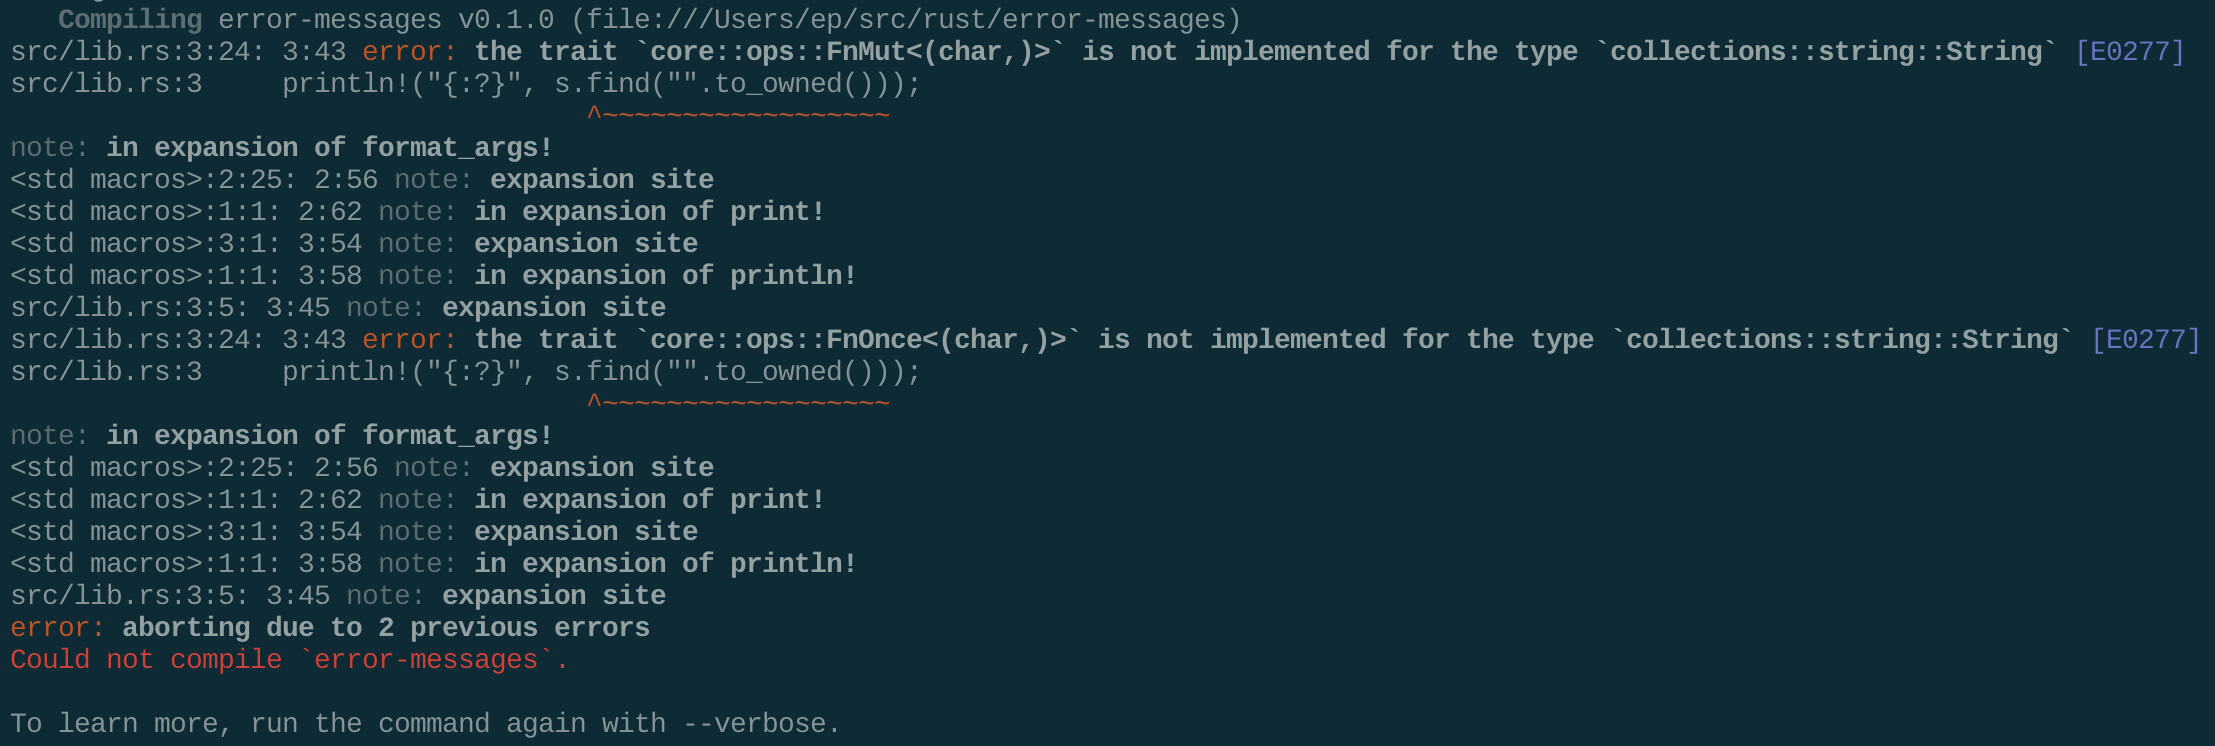 A terminal screenshot of the 1.2.0 error message.